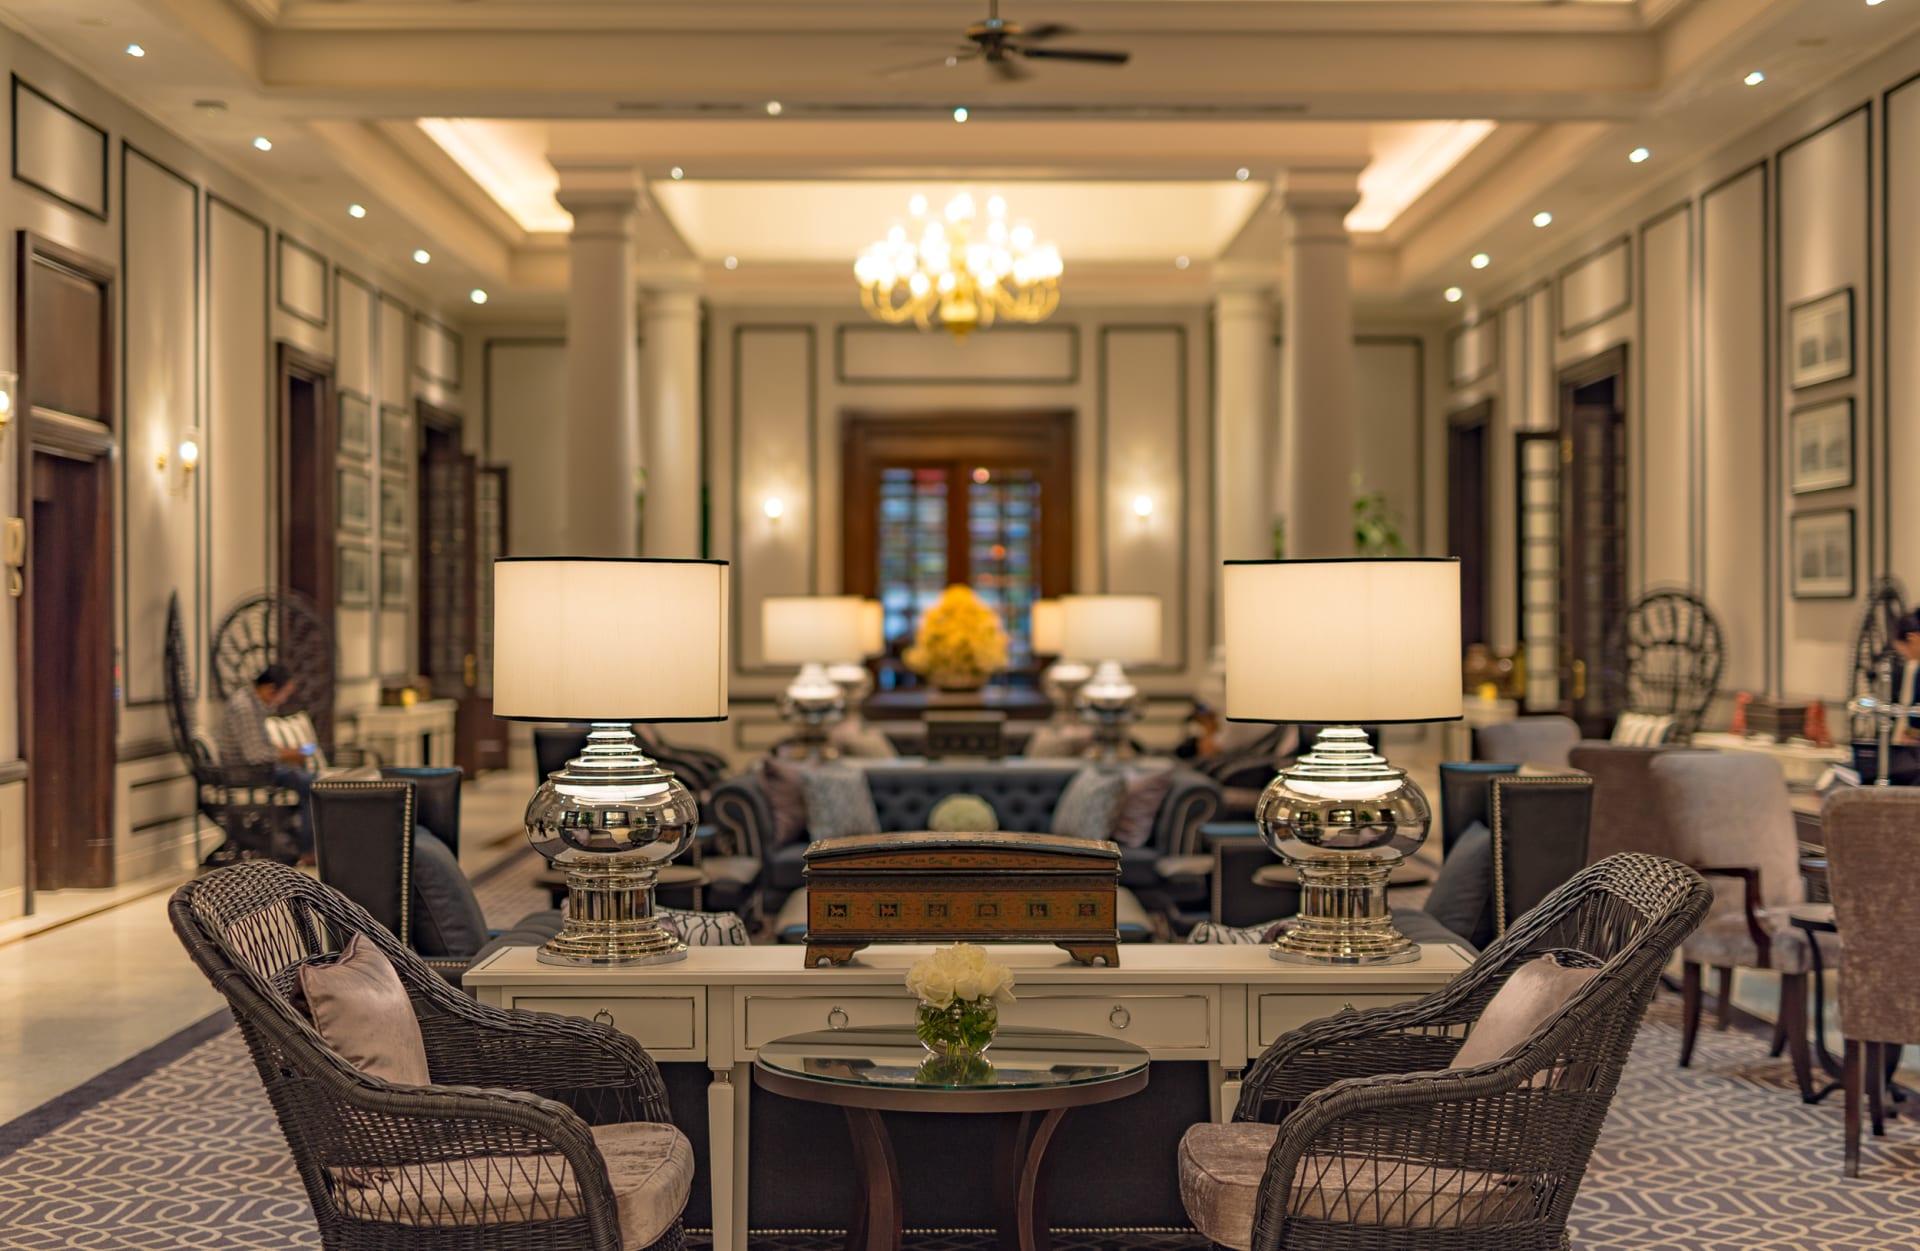 من هم الضيوف الذين زادوا من شهرة هذه الفنادق؟